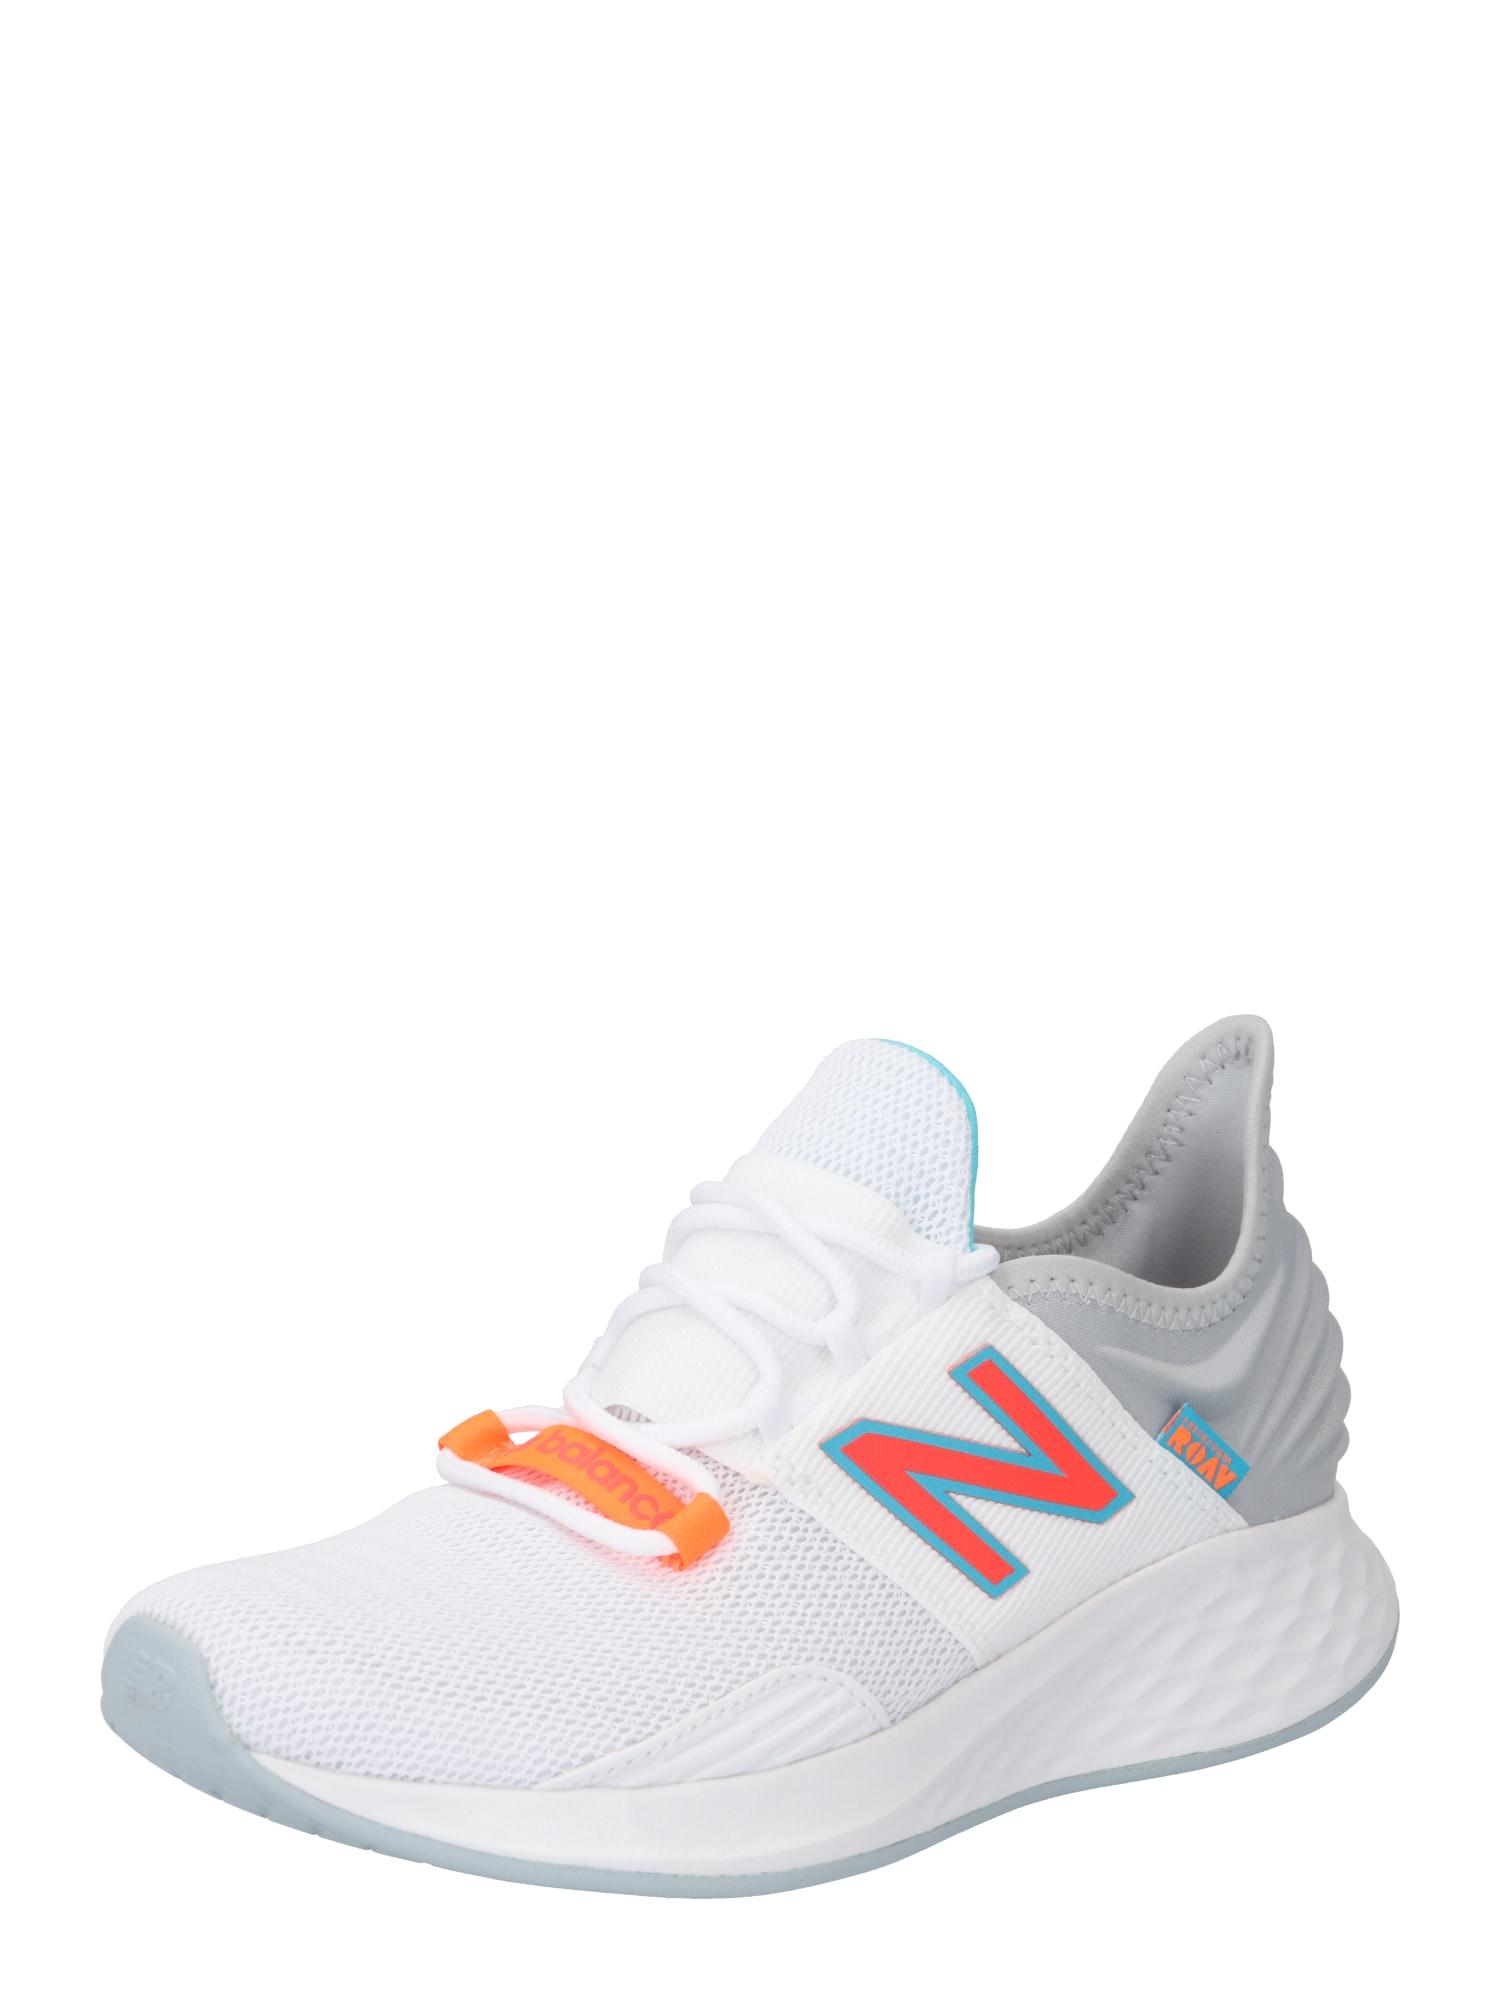 new balance Bėgimo batai balta / pilka / melionų spalva / dangaus žydra / oranžinė